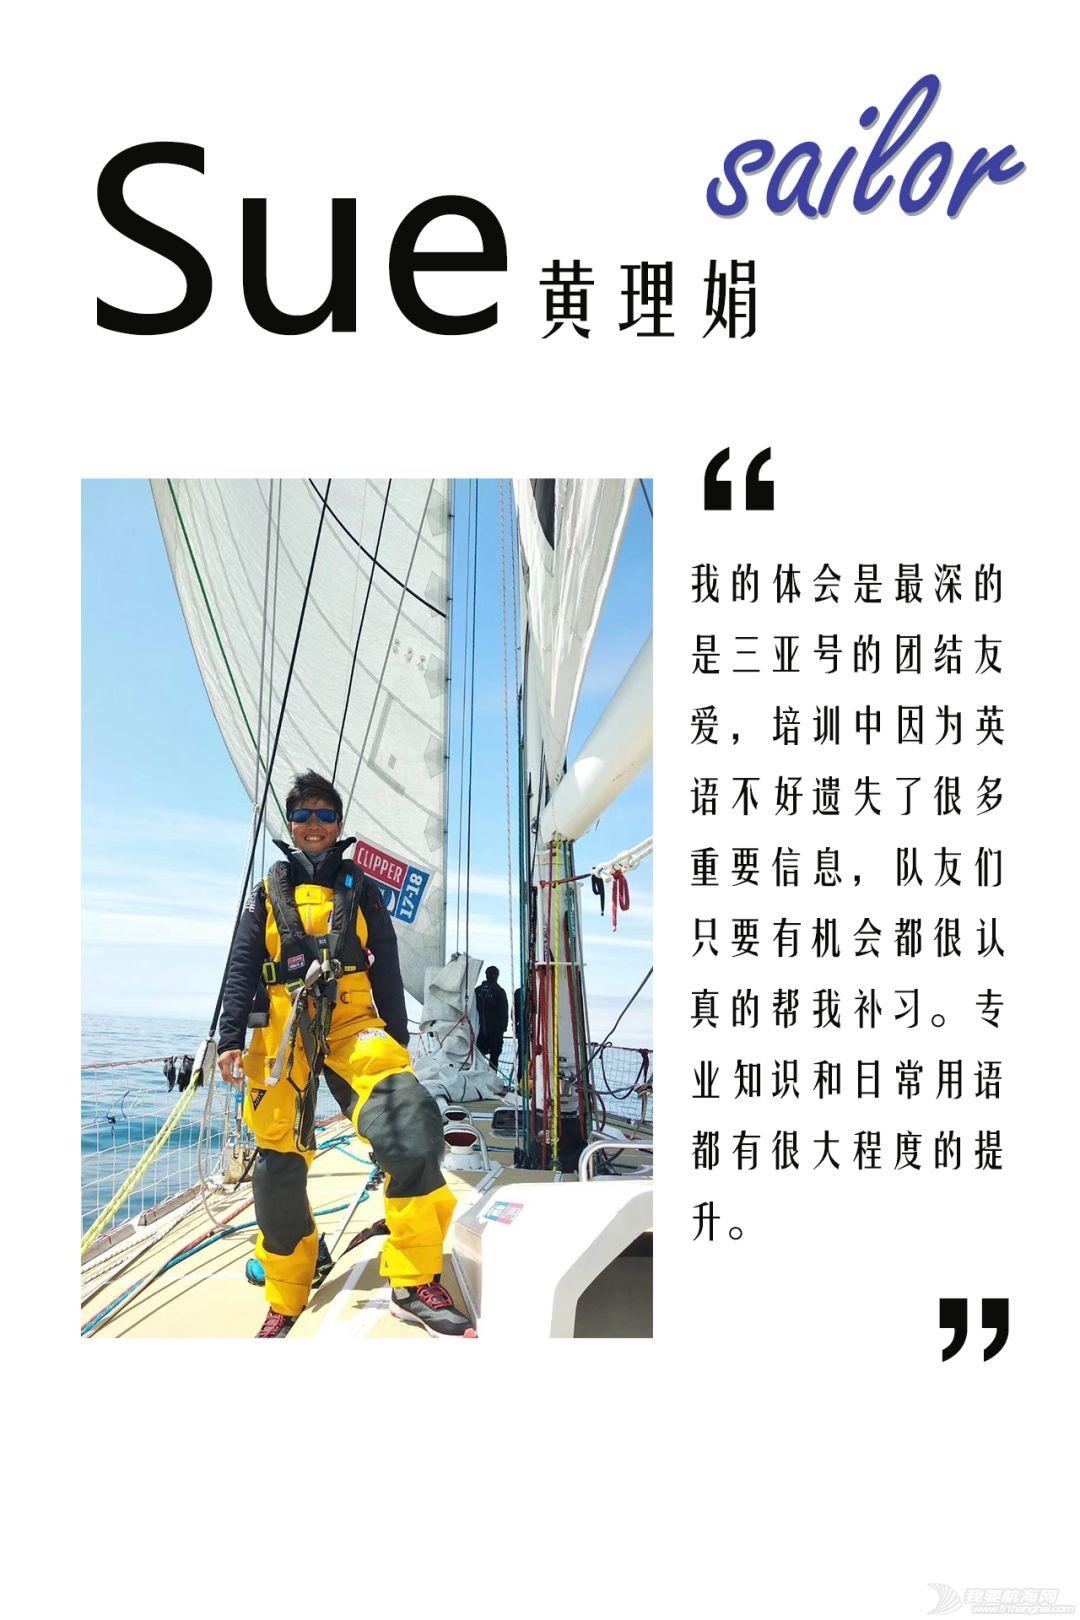 3·8国际妇女节 | 航海女子力w7.jpg